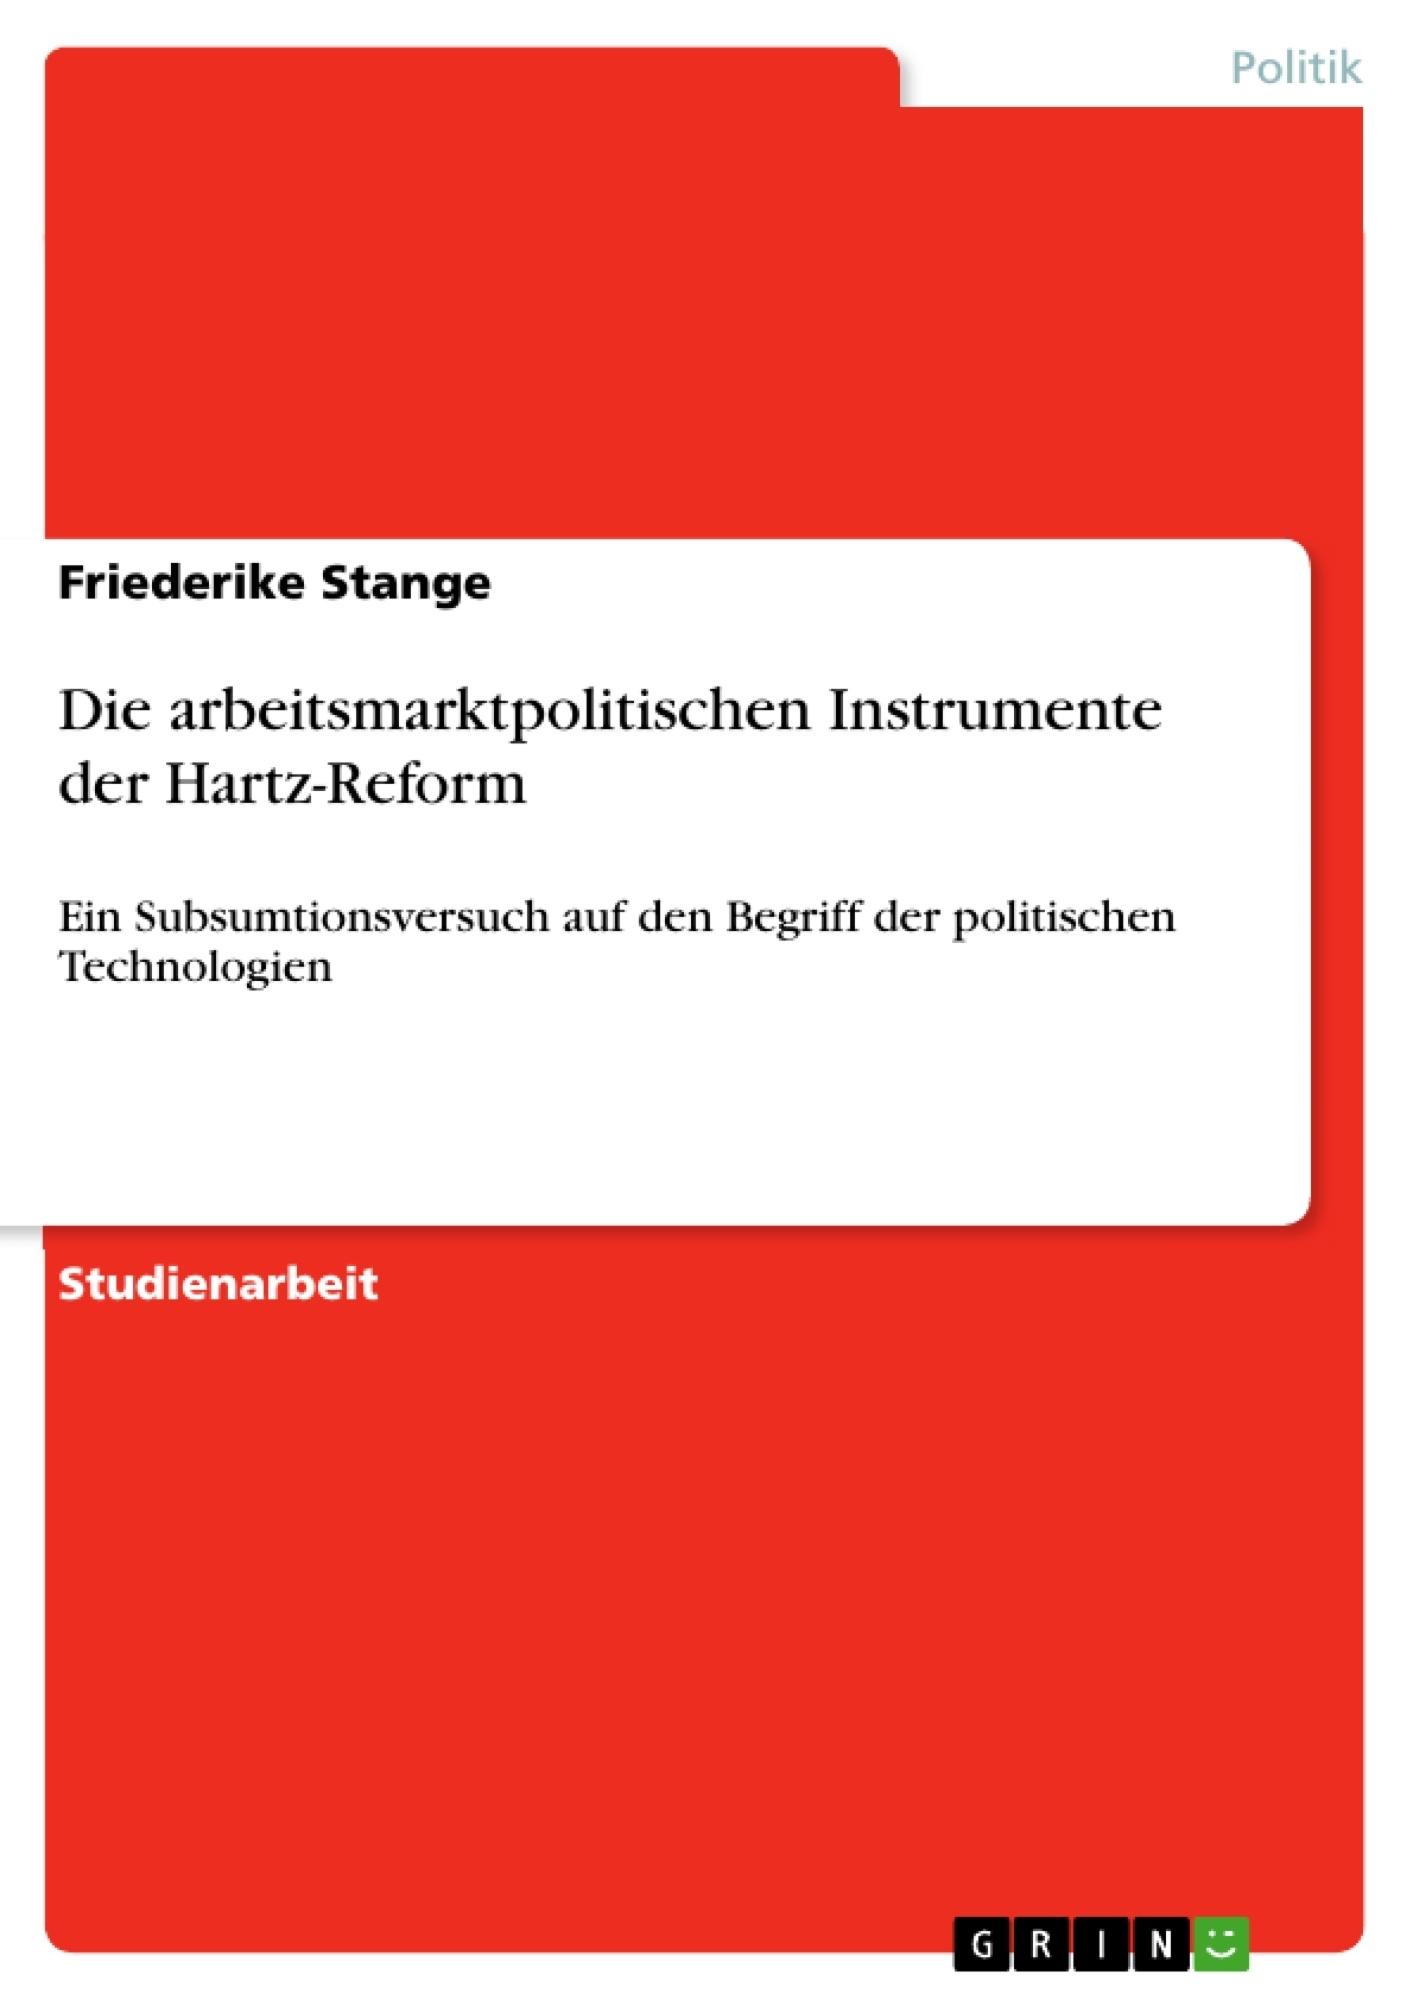 Titel: Die arbeitsmarktpolitischen Instrumente der Hartz-Reform